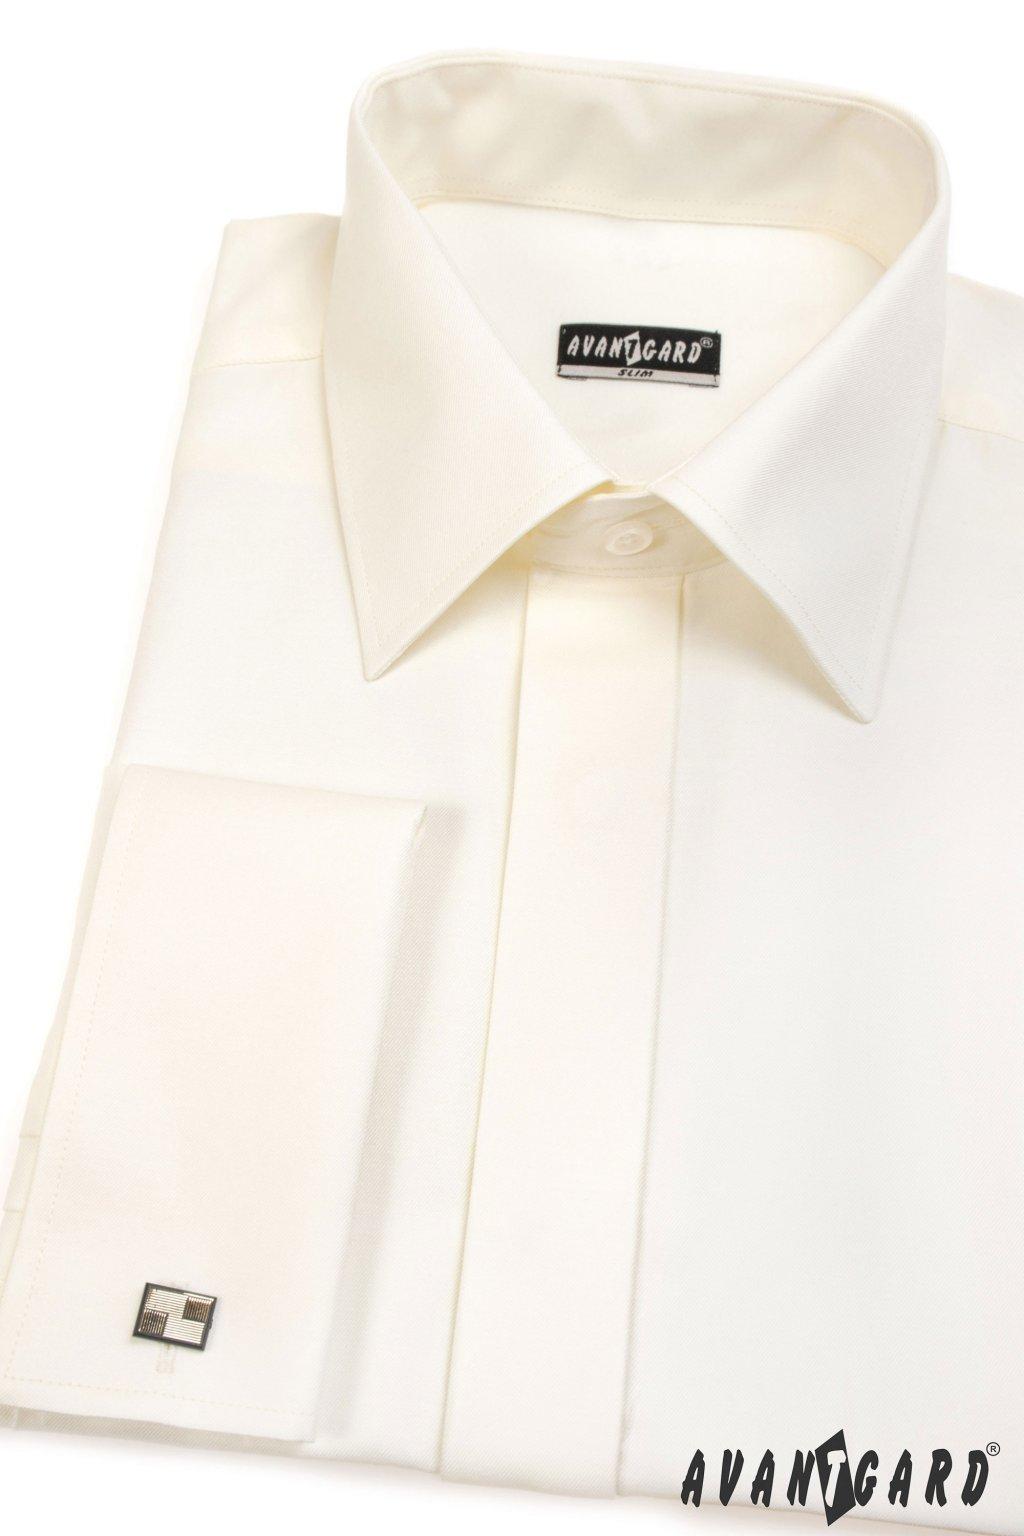 Pánská košile SLIM s krytou légou a dvojitými manžetami na manžetové knoflíčky smetanová 160 - 2